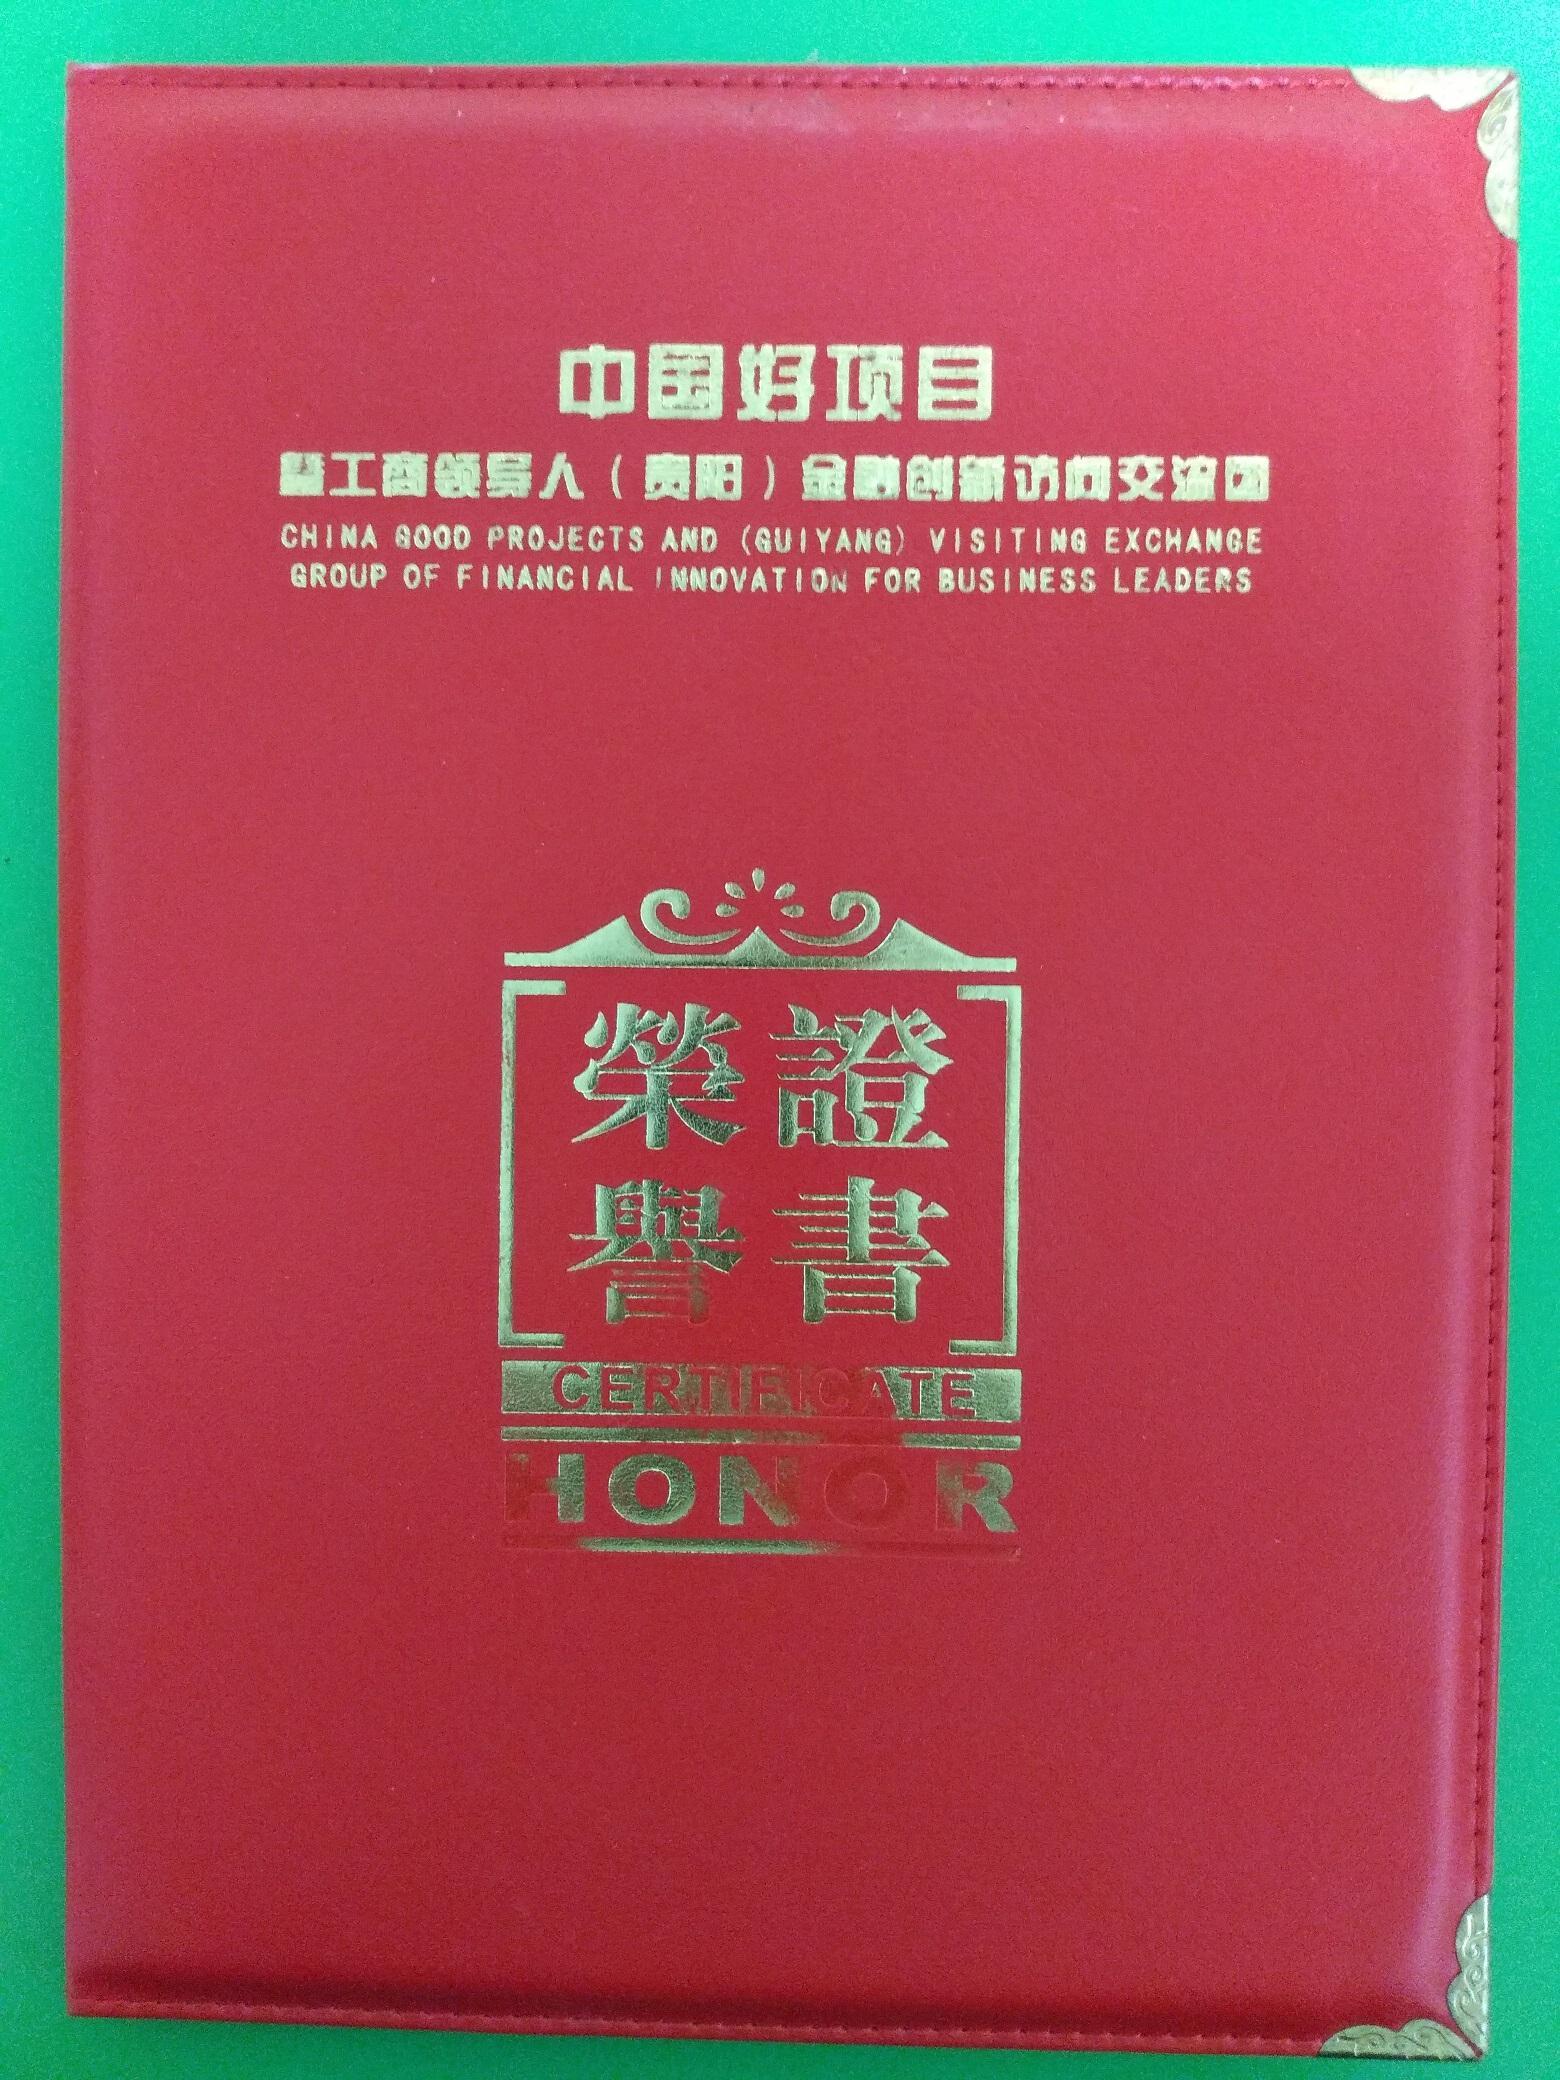 中国好项目20强证书封面